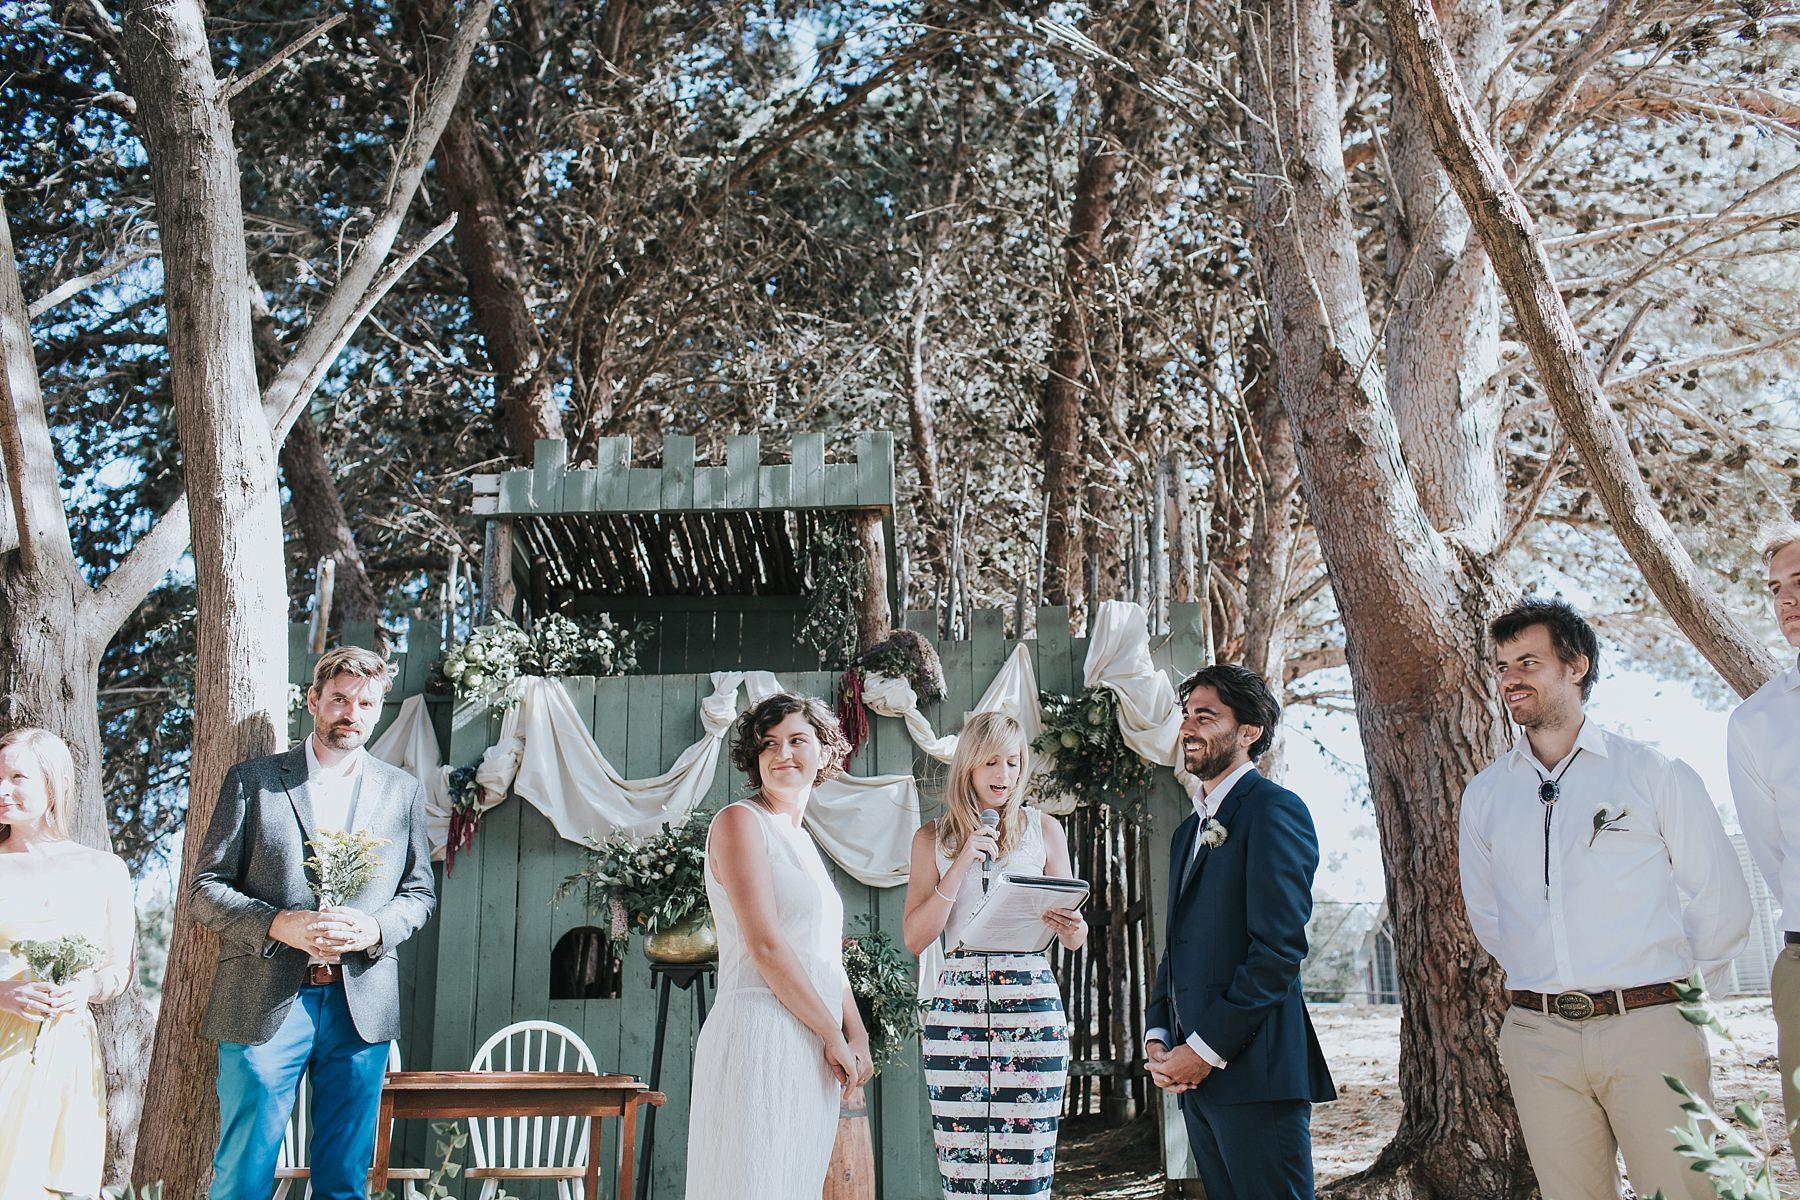 natural wedding photography by jonathan david